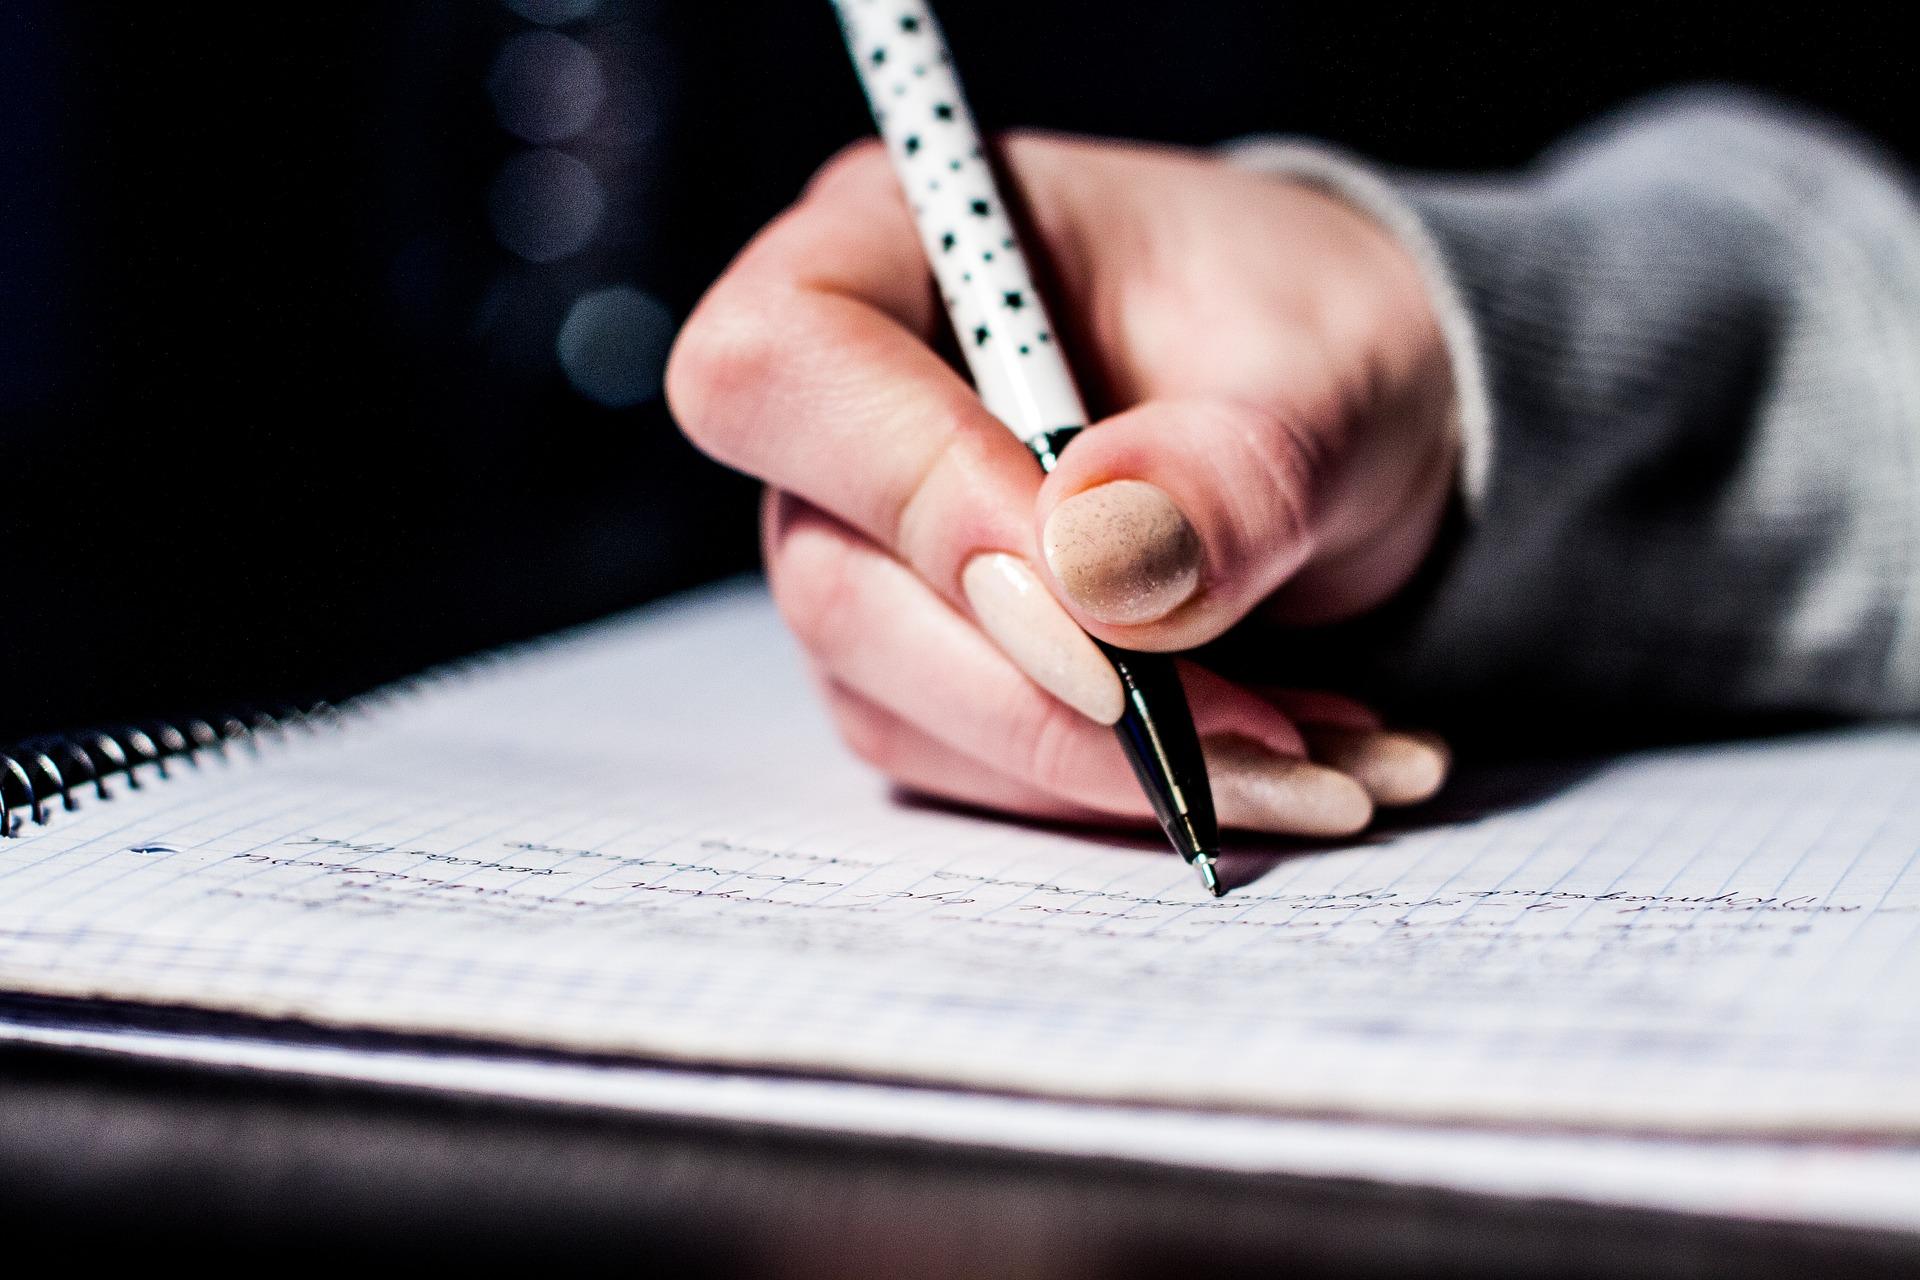 maturità 2019-ability channel-dsa esame di stato 2019-normativa esami di stato alunni diversamente abili 2019-nuovo esame di stato 2019 miur-maturità 2019 per dsa-prova scritta maturità 2019